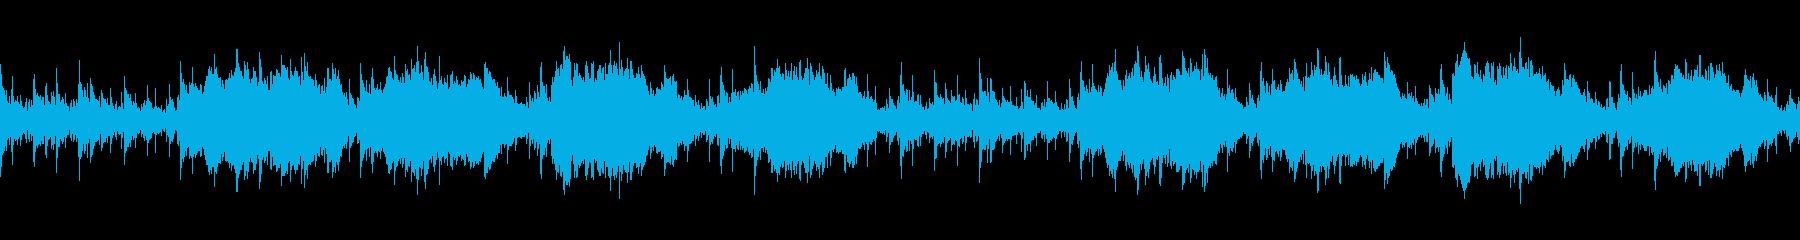 アコギ、ピアノ、フルート爽やかなポップスの再生済みの波形